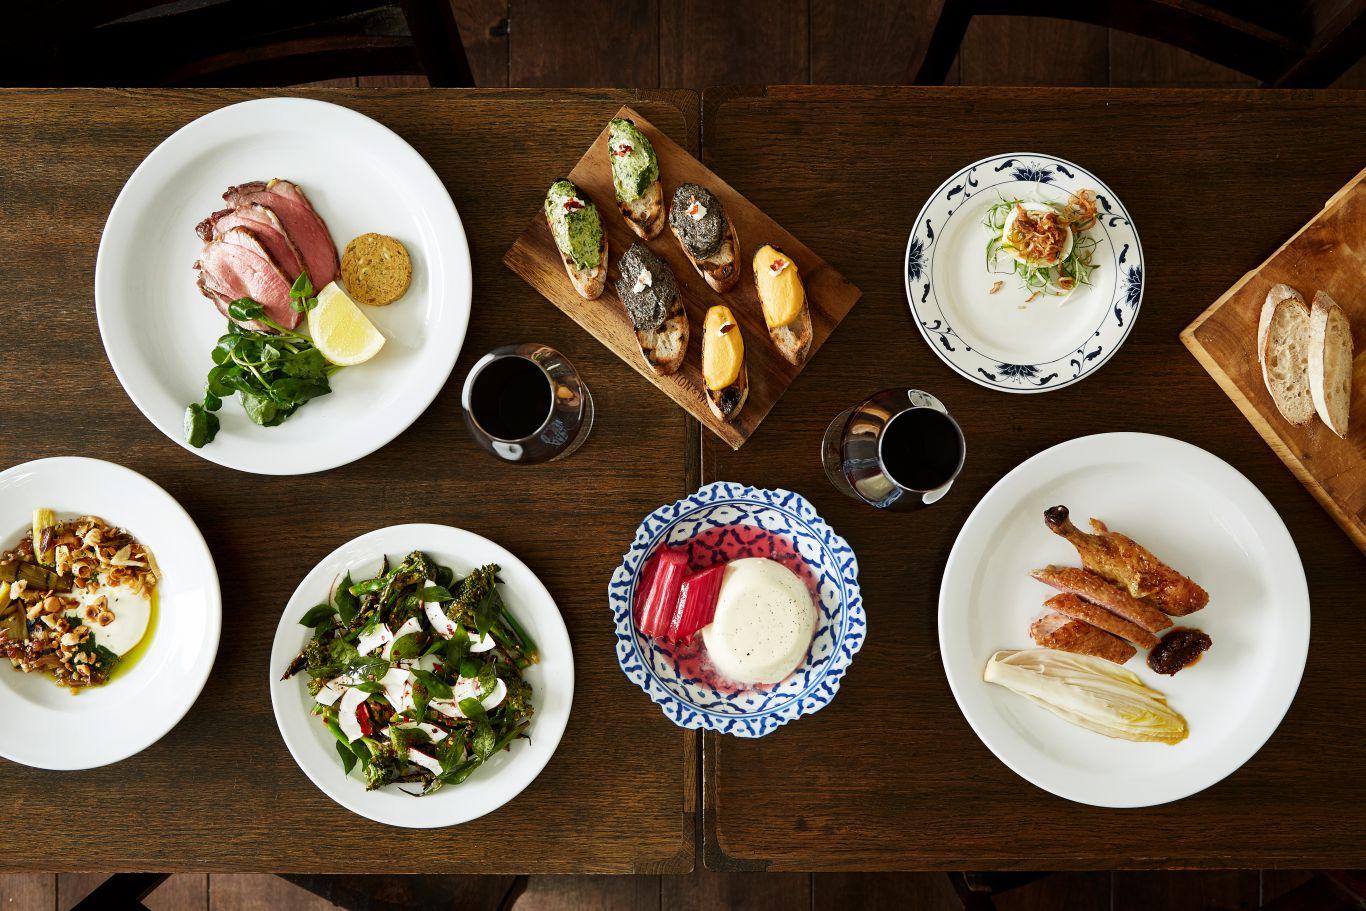 Plates of food at Sparrow Lewisham